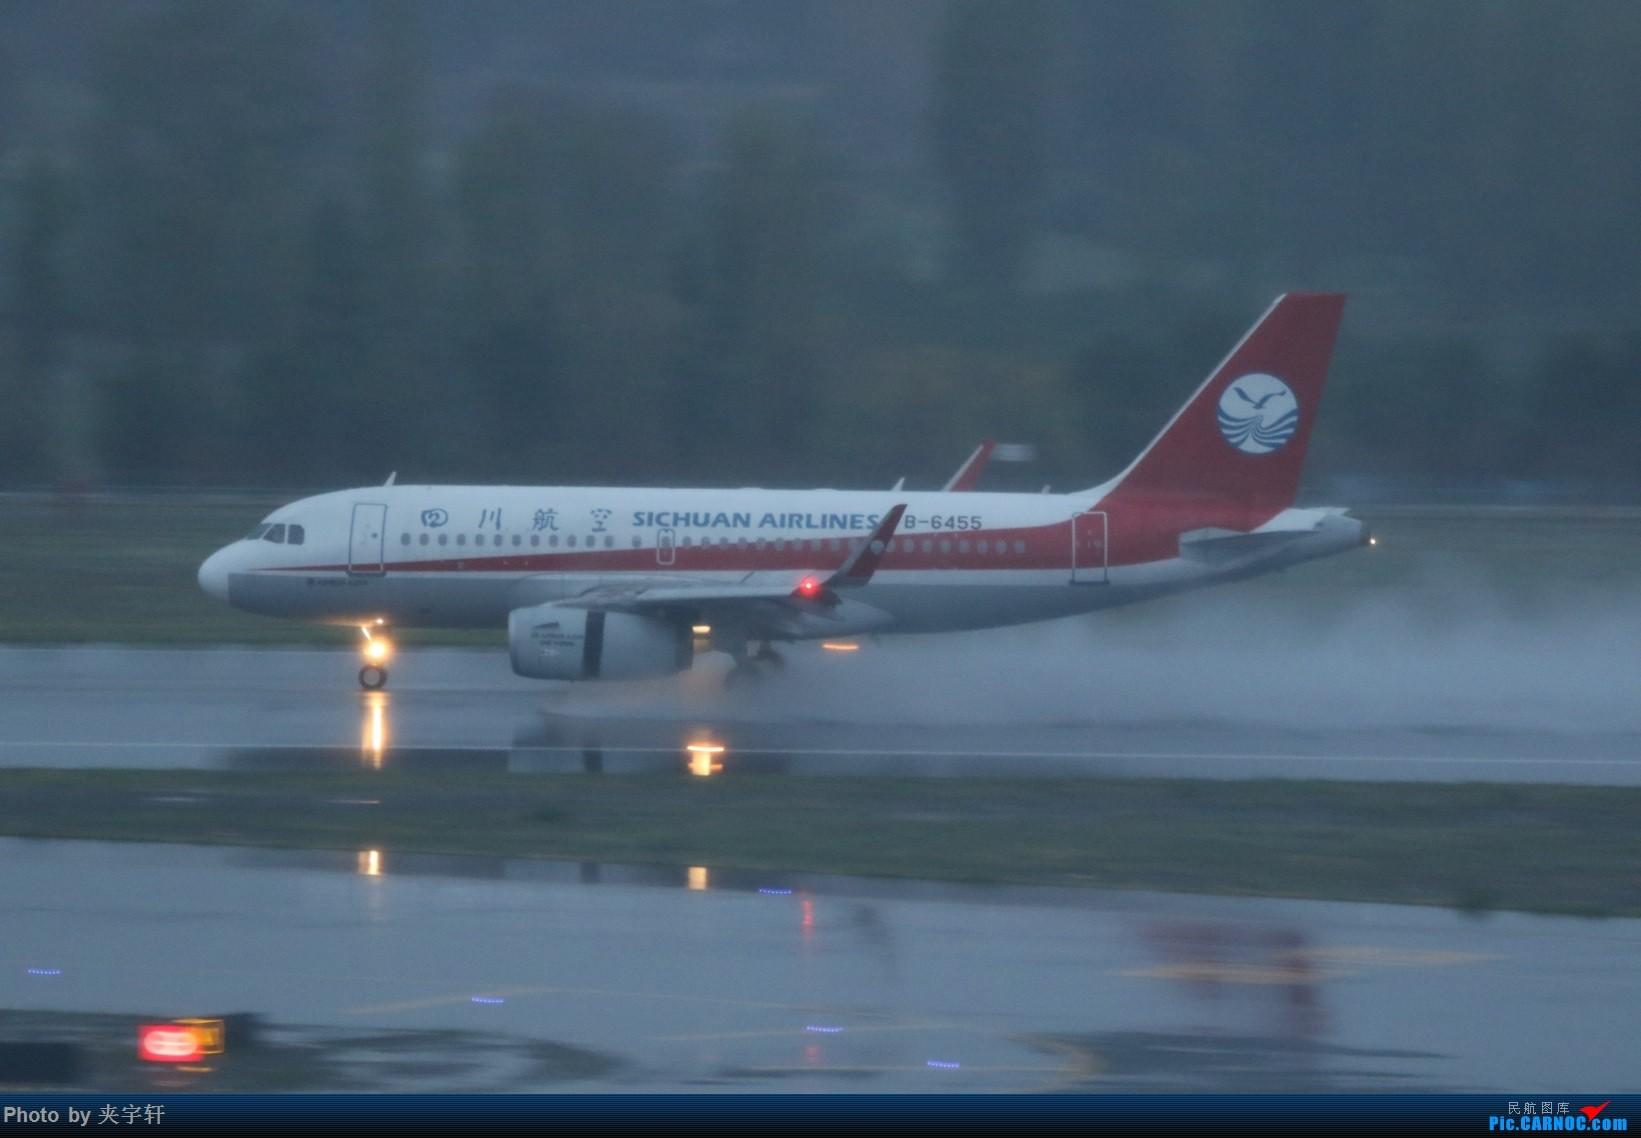 Re:[原创]【URC】雨天动图!+吹水 AIRBUS A319-100 B-6455 中国乌鲁木齐地窝堡国际机场